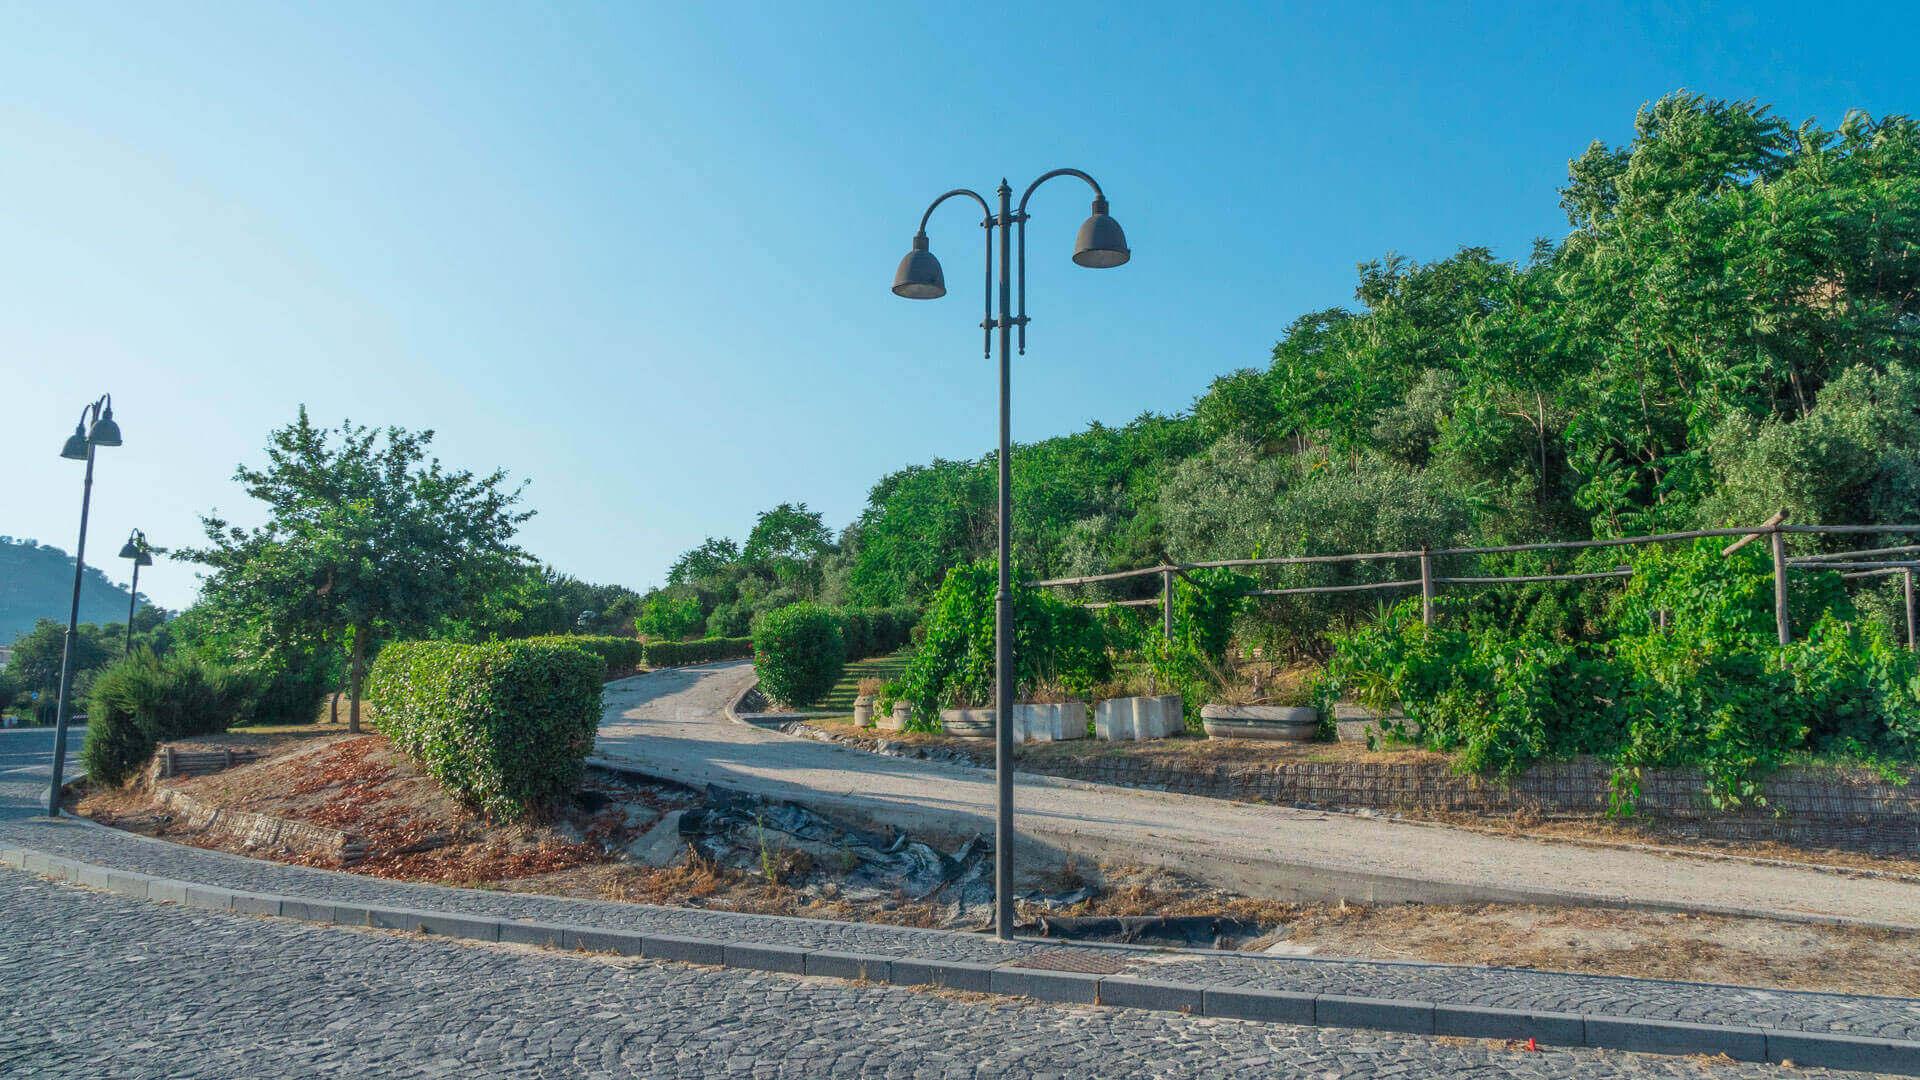 Parco Urbano di via Vecchia delle Vigne